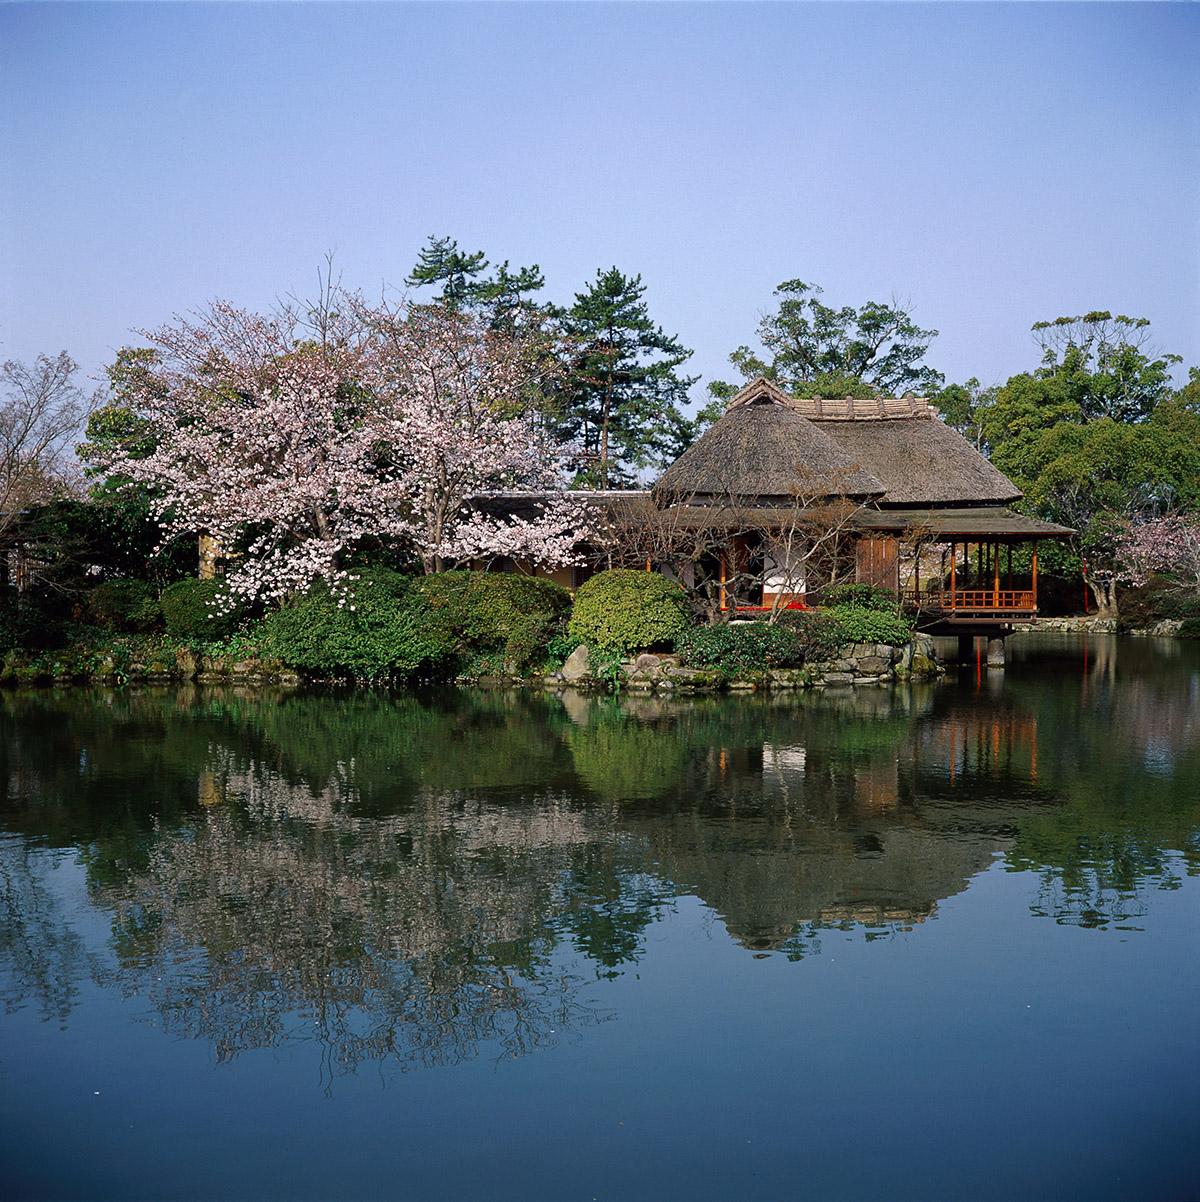 고우노공원(神野公園)